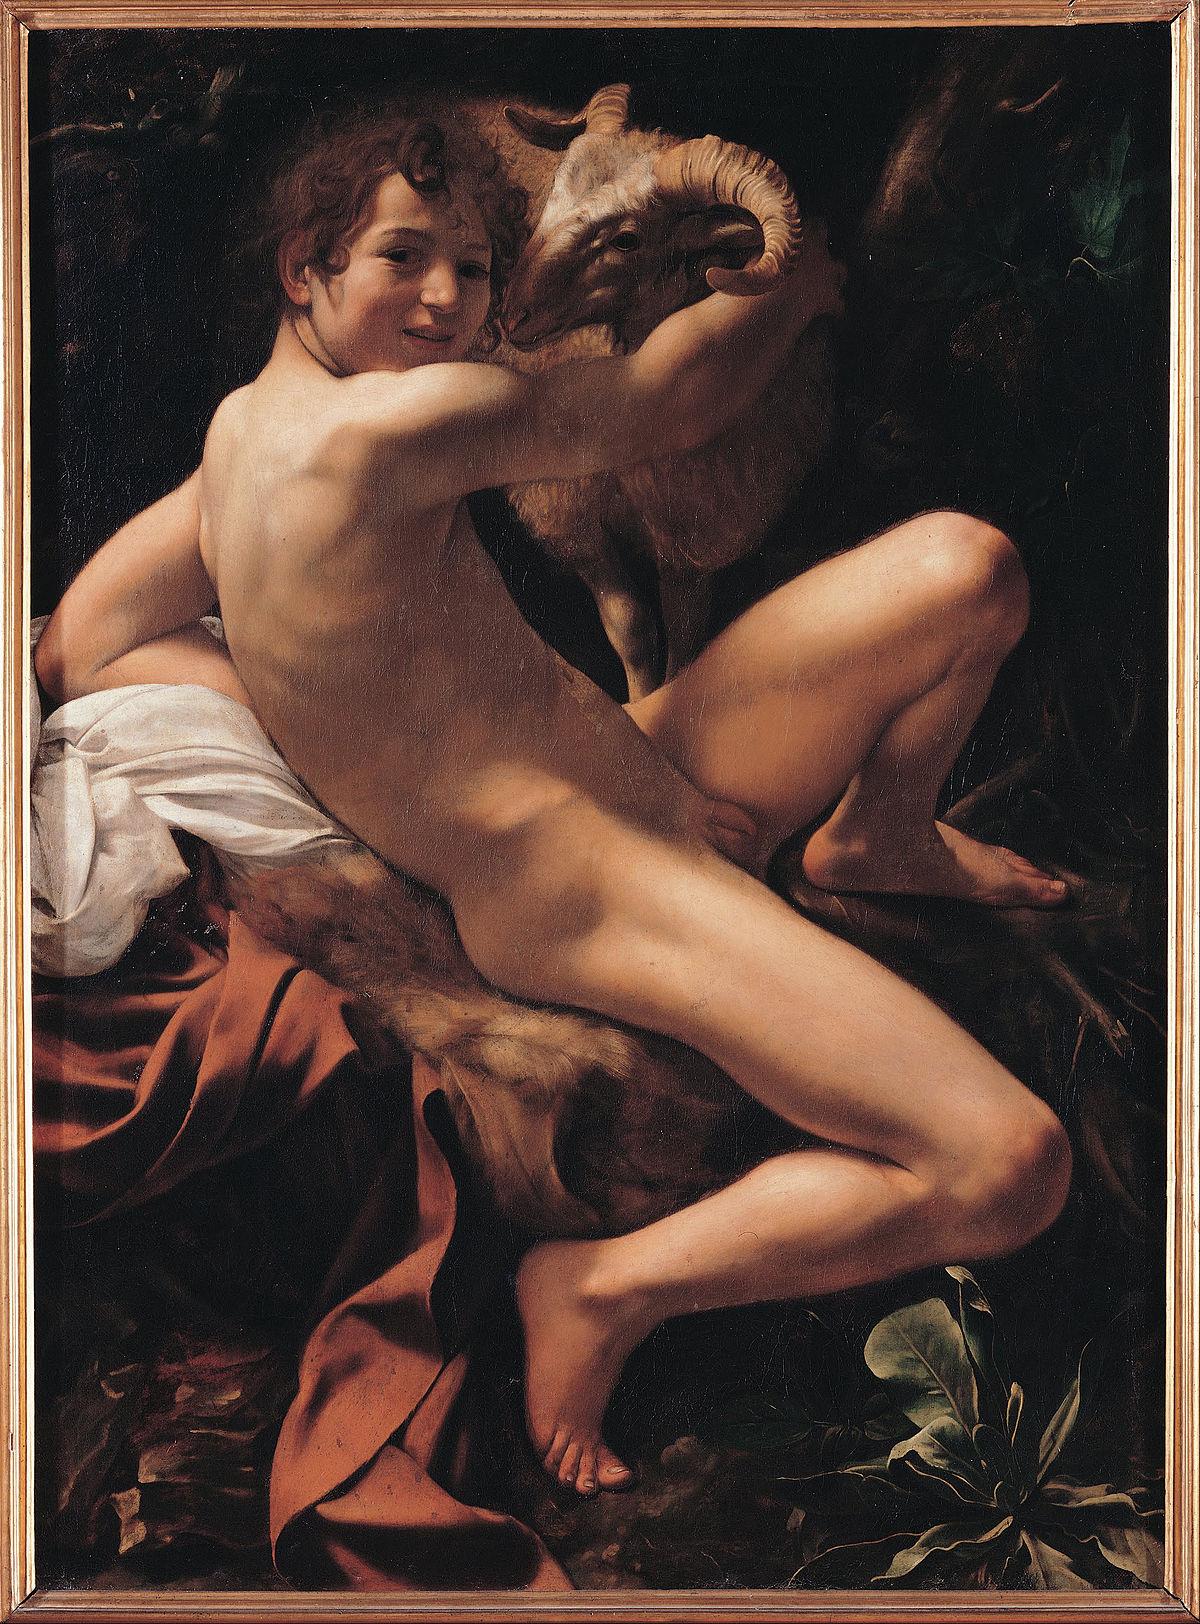 Caravaggio, San Giovanni Battista (1602; olio su tela, 129 x 94 cm; Roma, Musei Capitolini, Pinacoteca Capitolina)